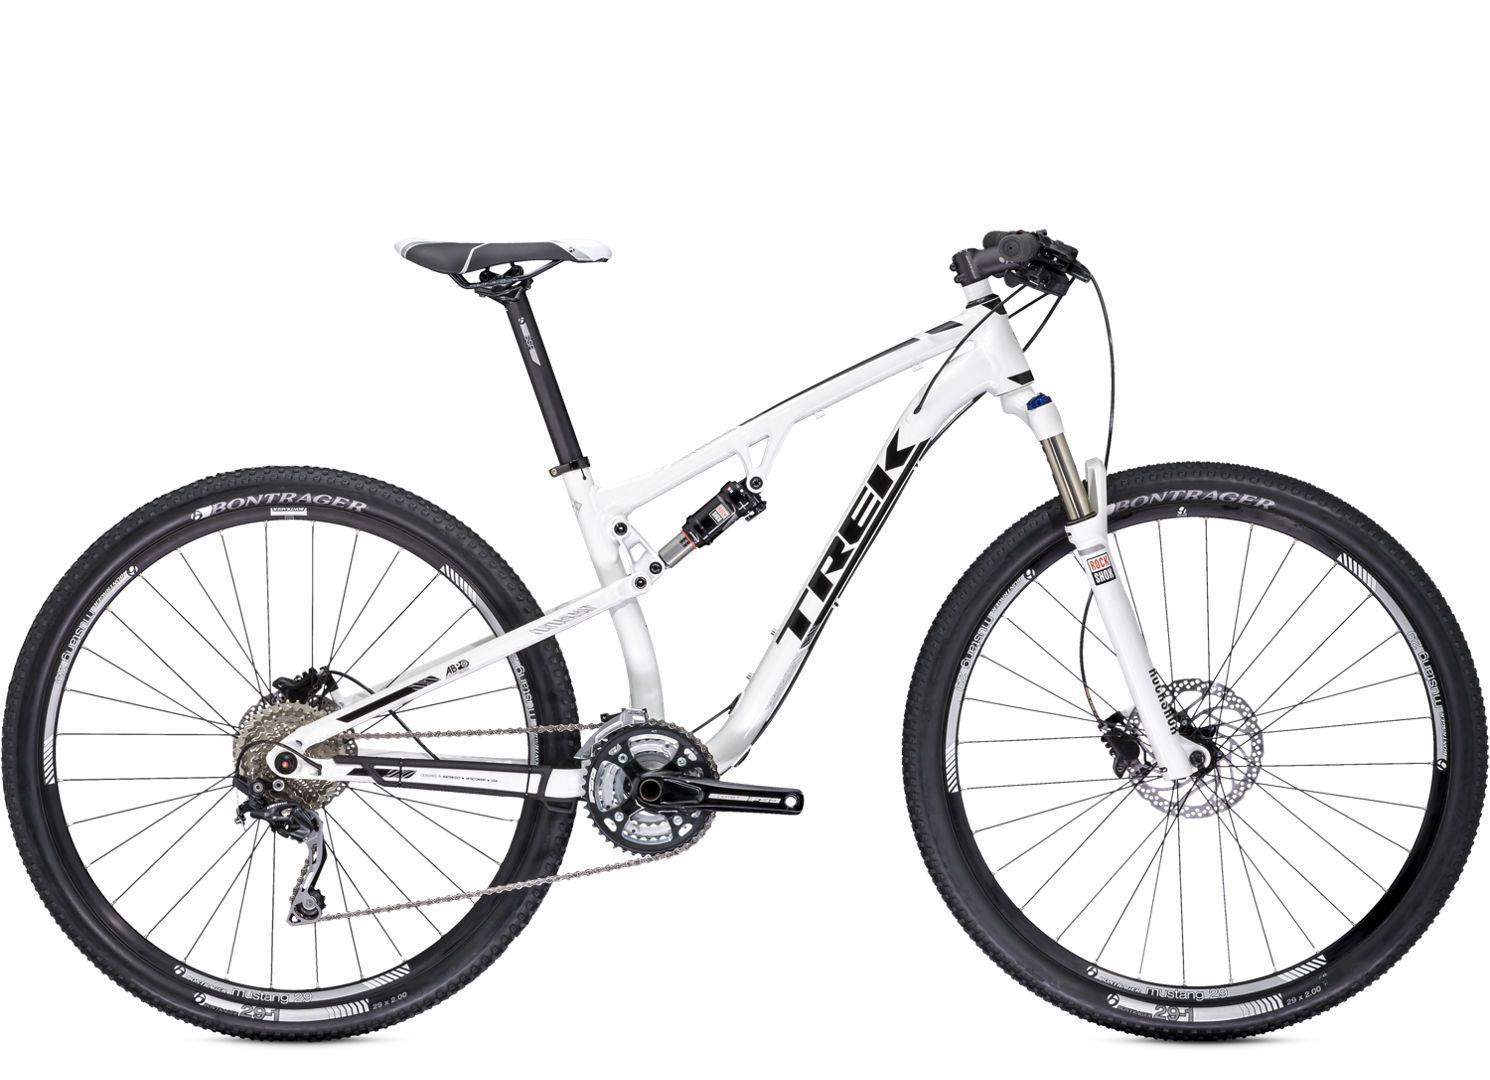 Superfly Fs Trek Bicycle Cross Country Mountain Bike Trek Bikes Trek Bicycle